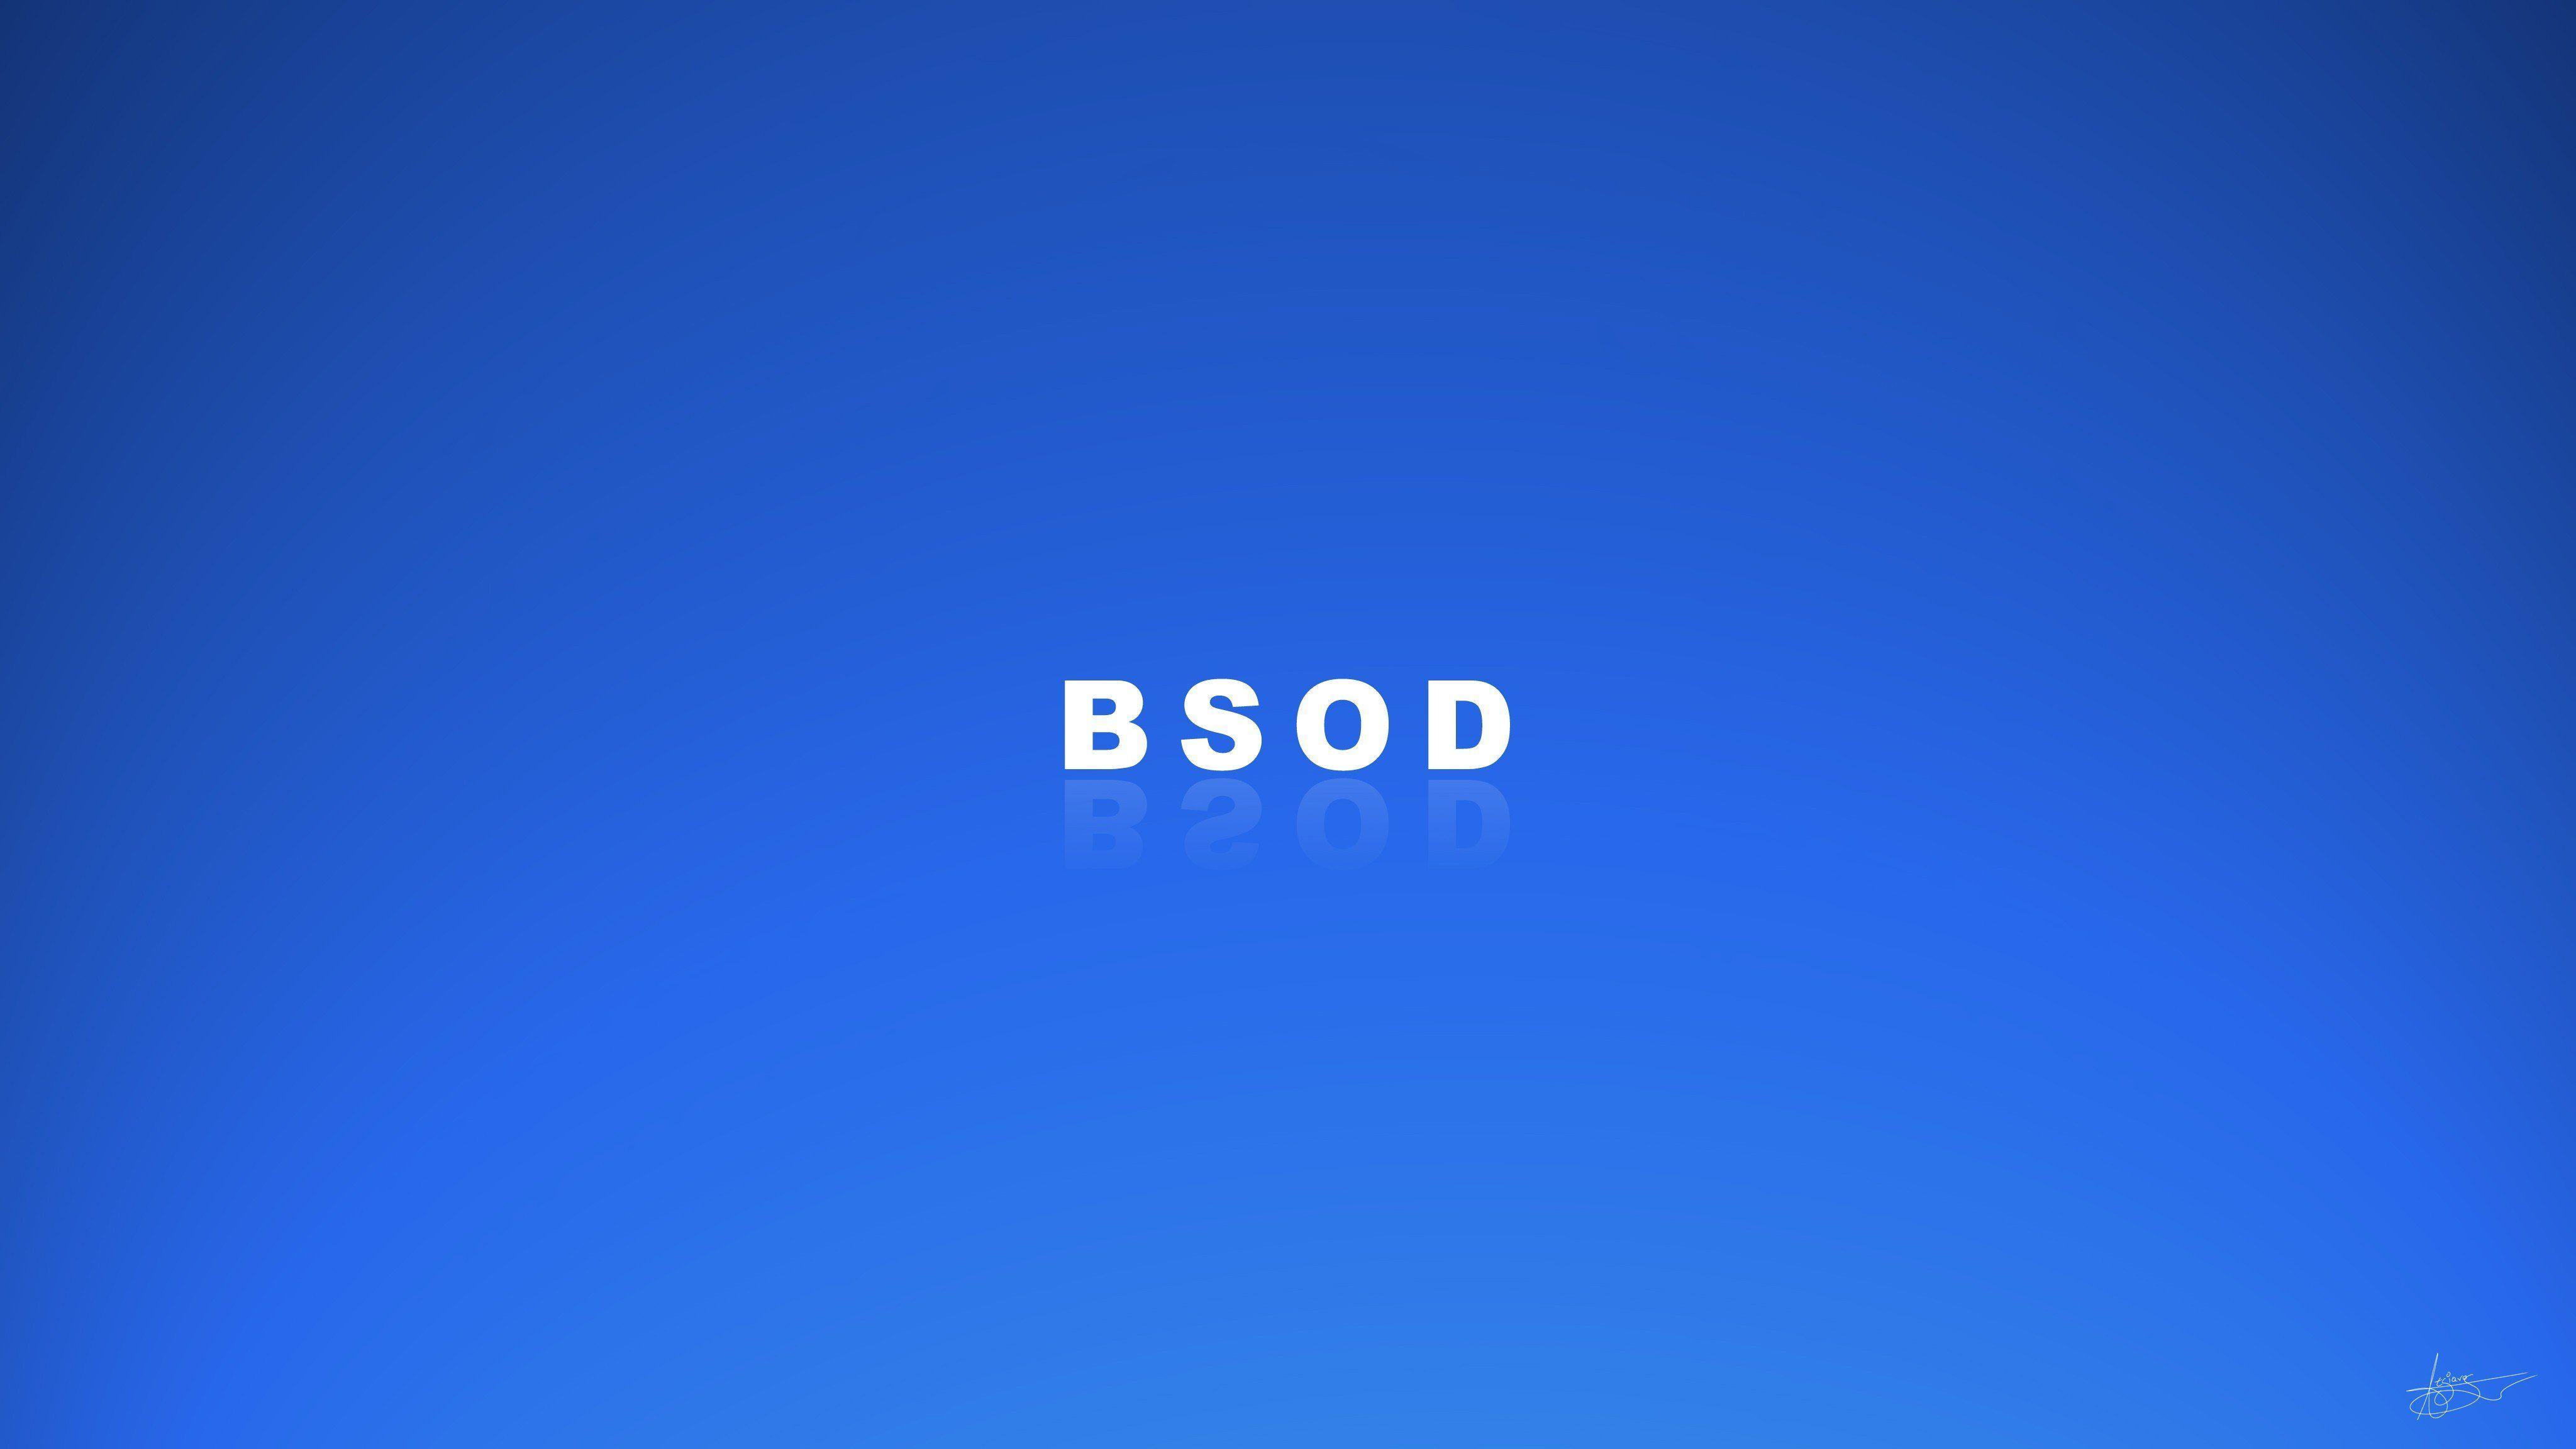 bsod screensaver download